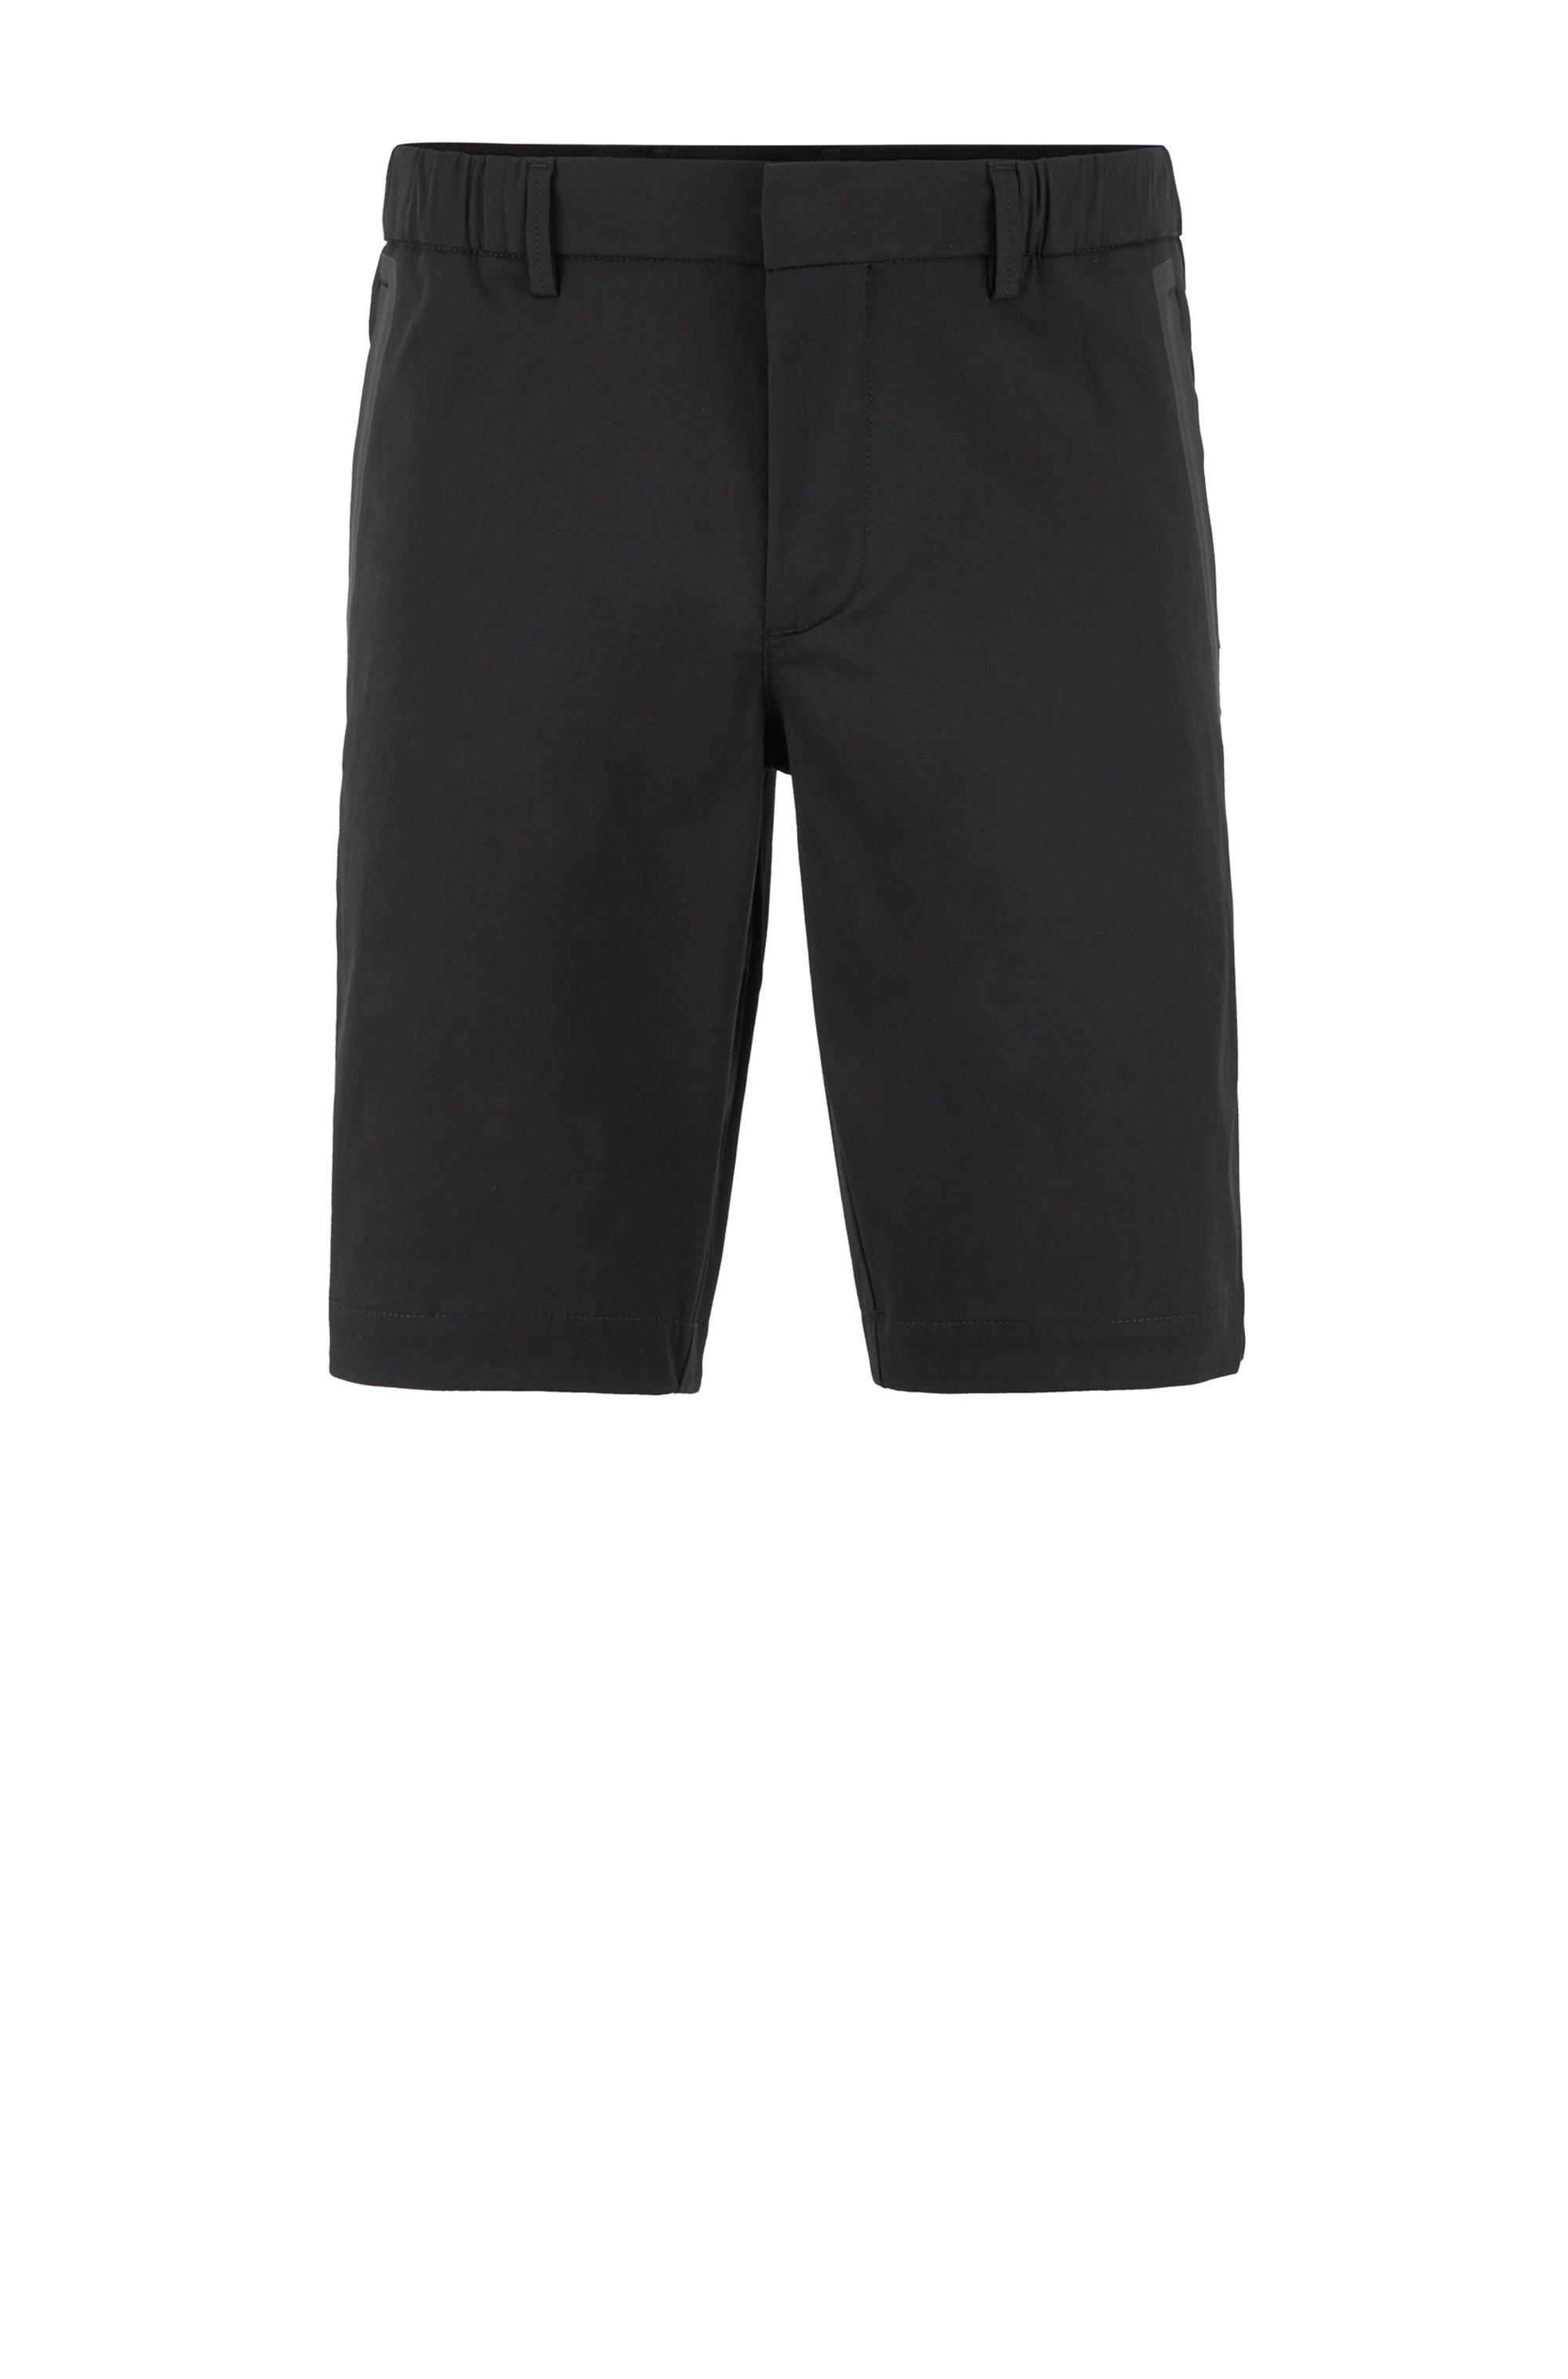 Shorts slim fit en mezcla de algodón elástico de tejido dobby, Negro